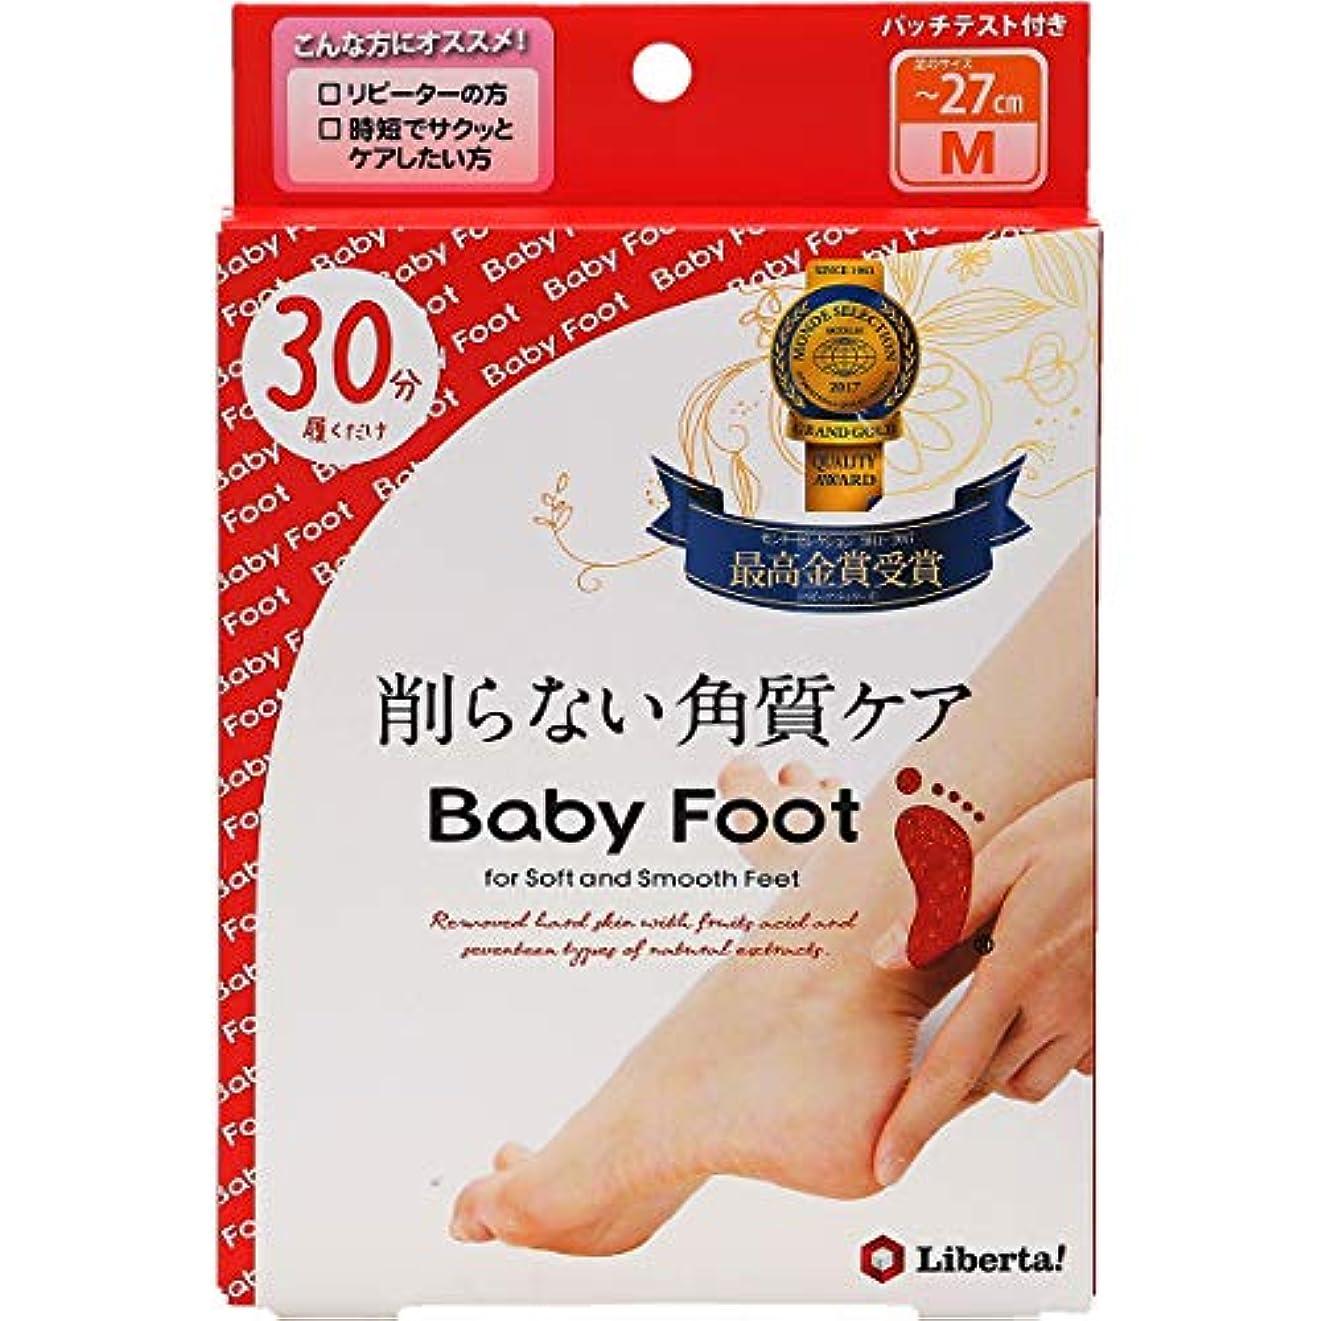 発送形式家庭ベビーフット (Baby Foot) ベビーフット イージーパック30分タイプ Mサイズ 単品